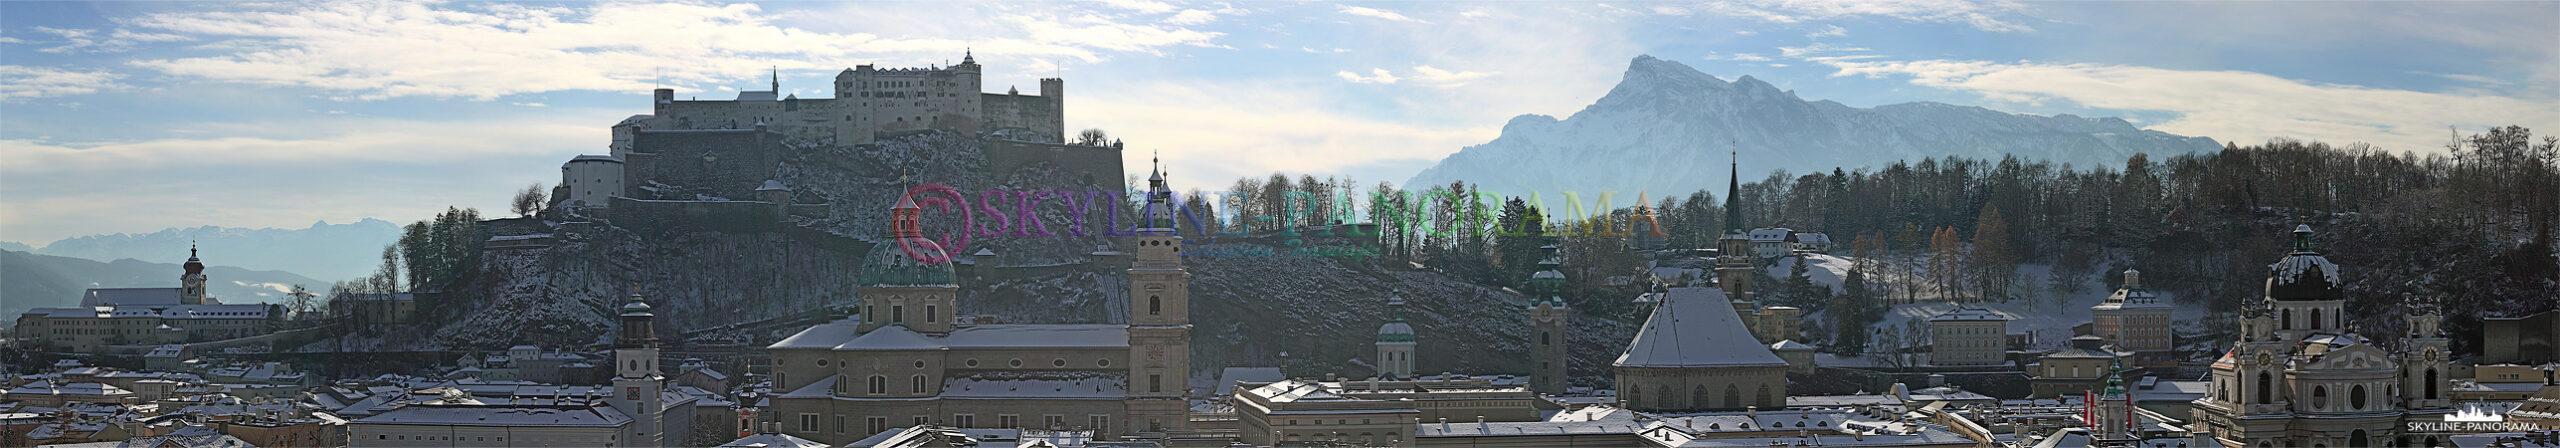 Die verschneiten Dächer der Altstadt von Salzburg mit der Festung Hohensalzburg und dem dahinter liegenden Untersberg.